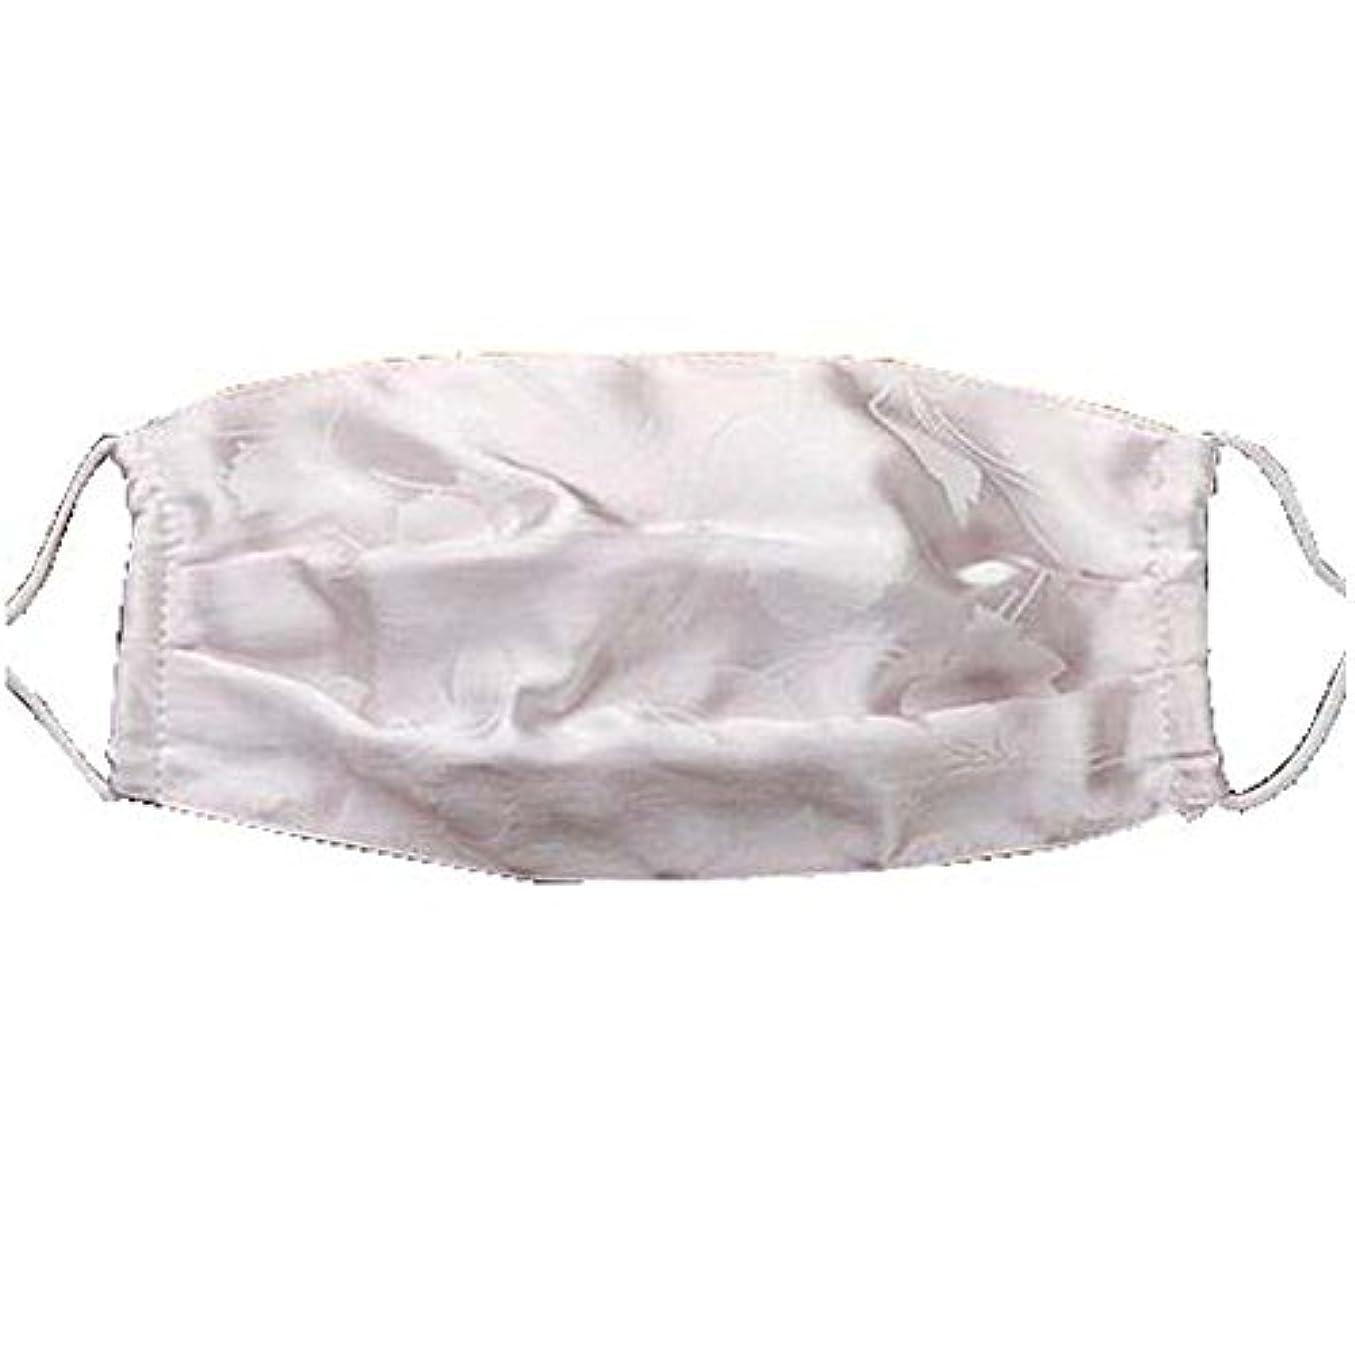 不適クスコ地質学口腔マスクダストマスク抗汚染活性炭フィルターインサートシルクマスク